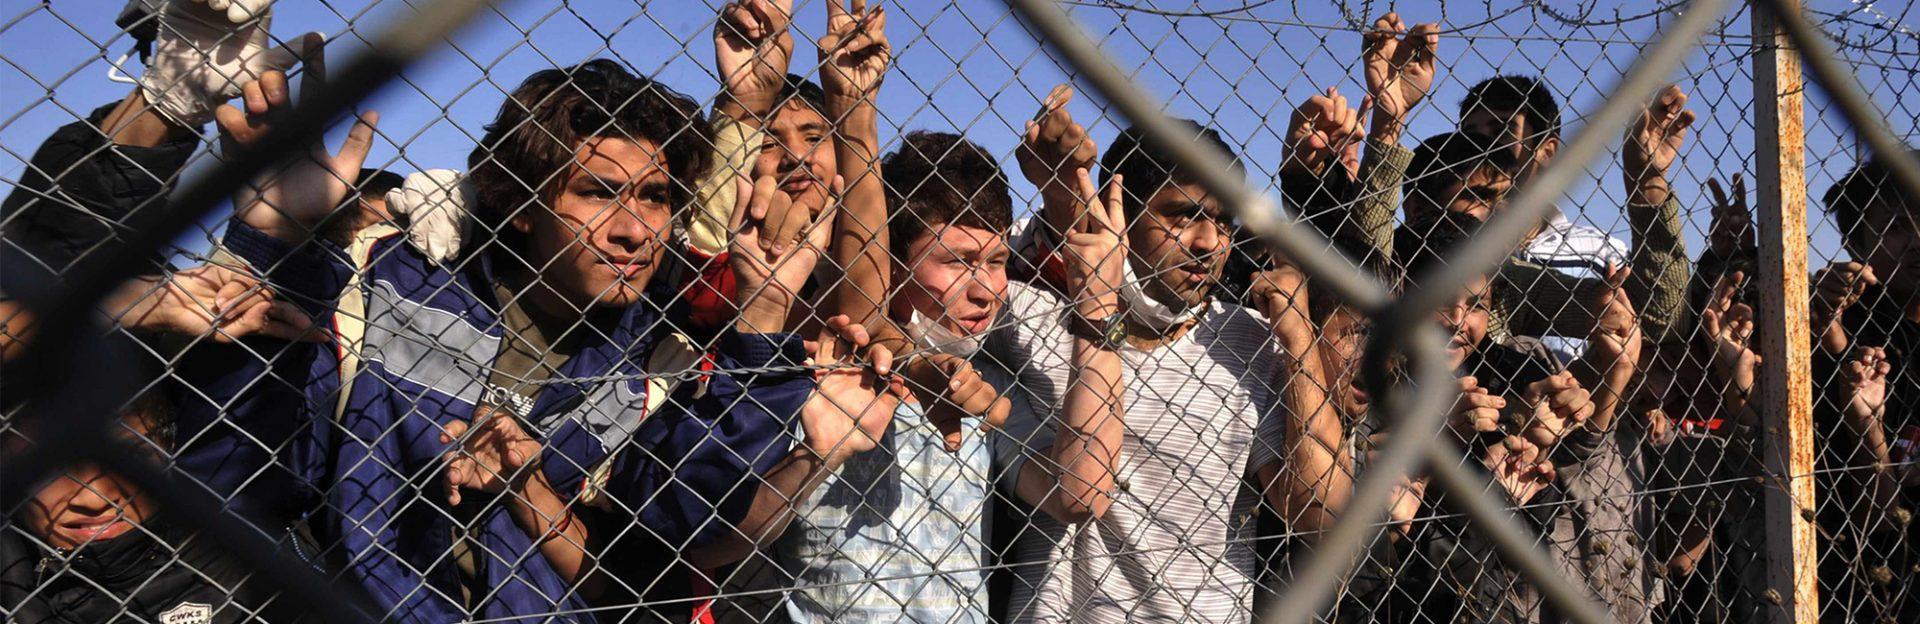 Άρον άρον… στέγασον αυτούς! Μετά τις μονές, στρατόπεδα και αεροδρόμια για τους μετανάστες!